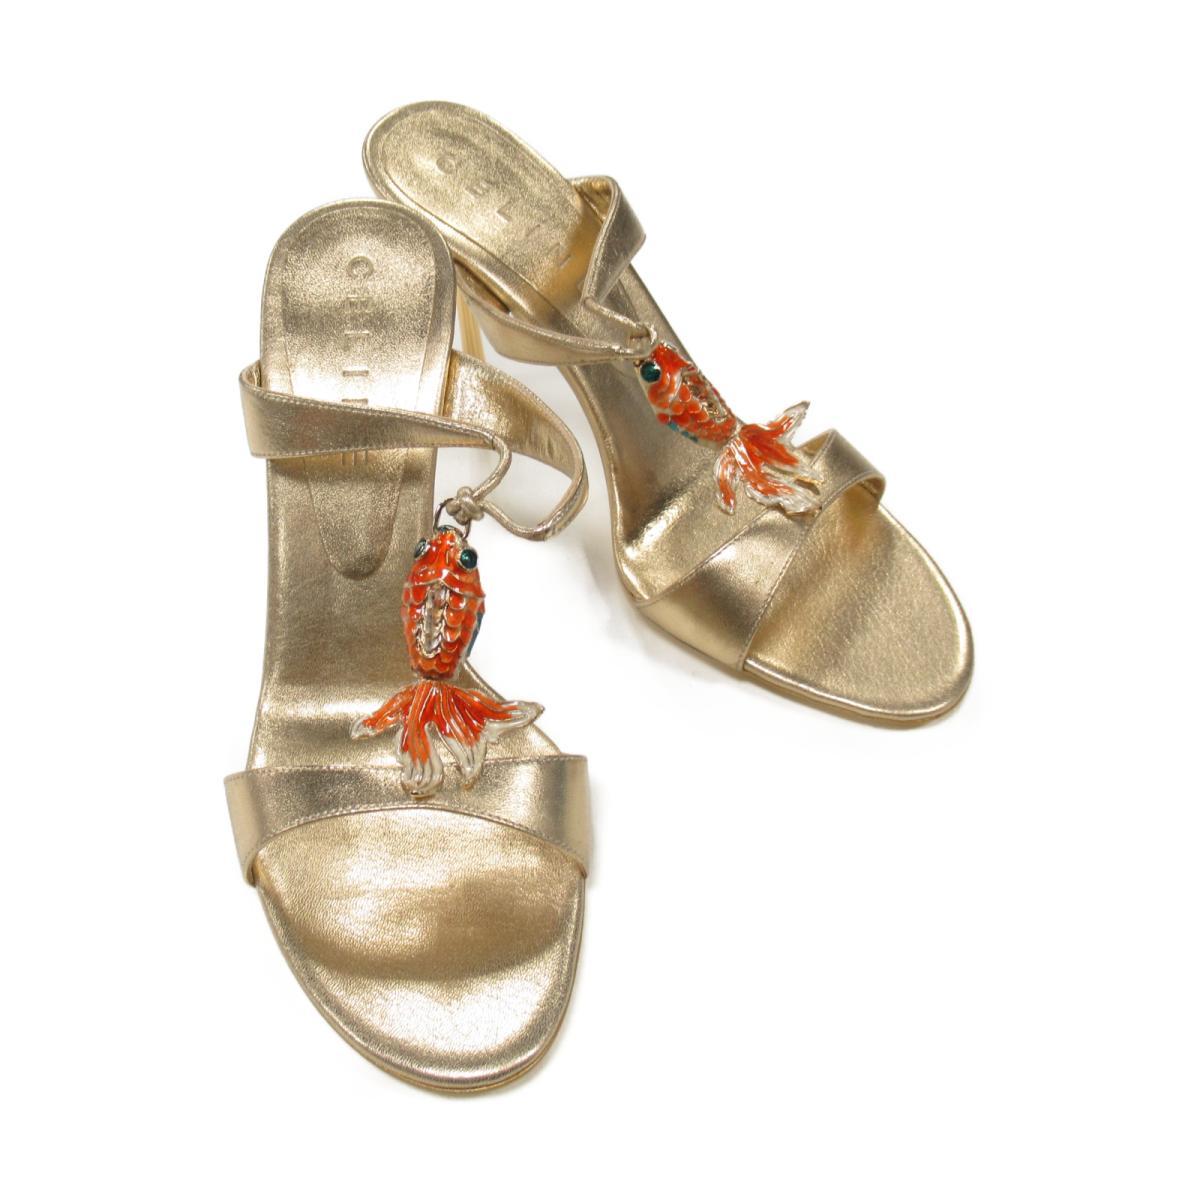 セリーヌ サンダル レディース レザー ゴールド 【中古】 | CELINE BRANDOFF ブランドオフ ブランド 靴 シューズ クツ ストラップ